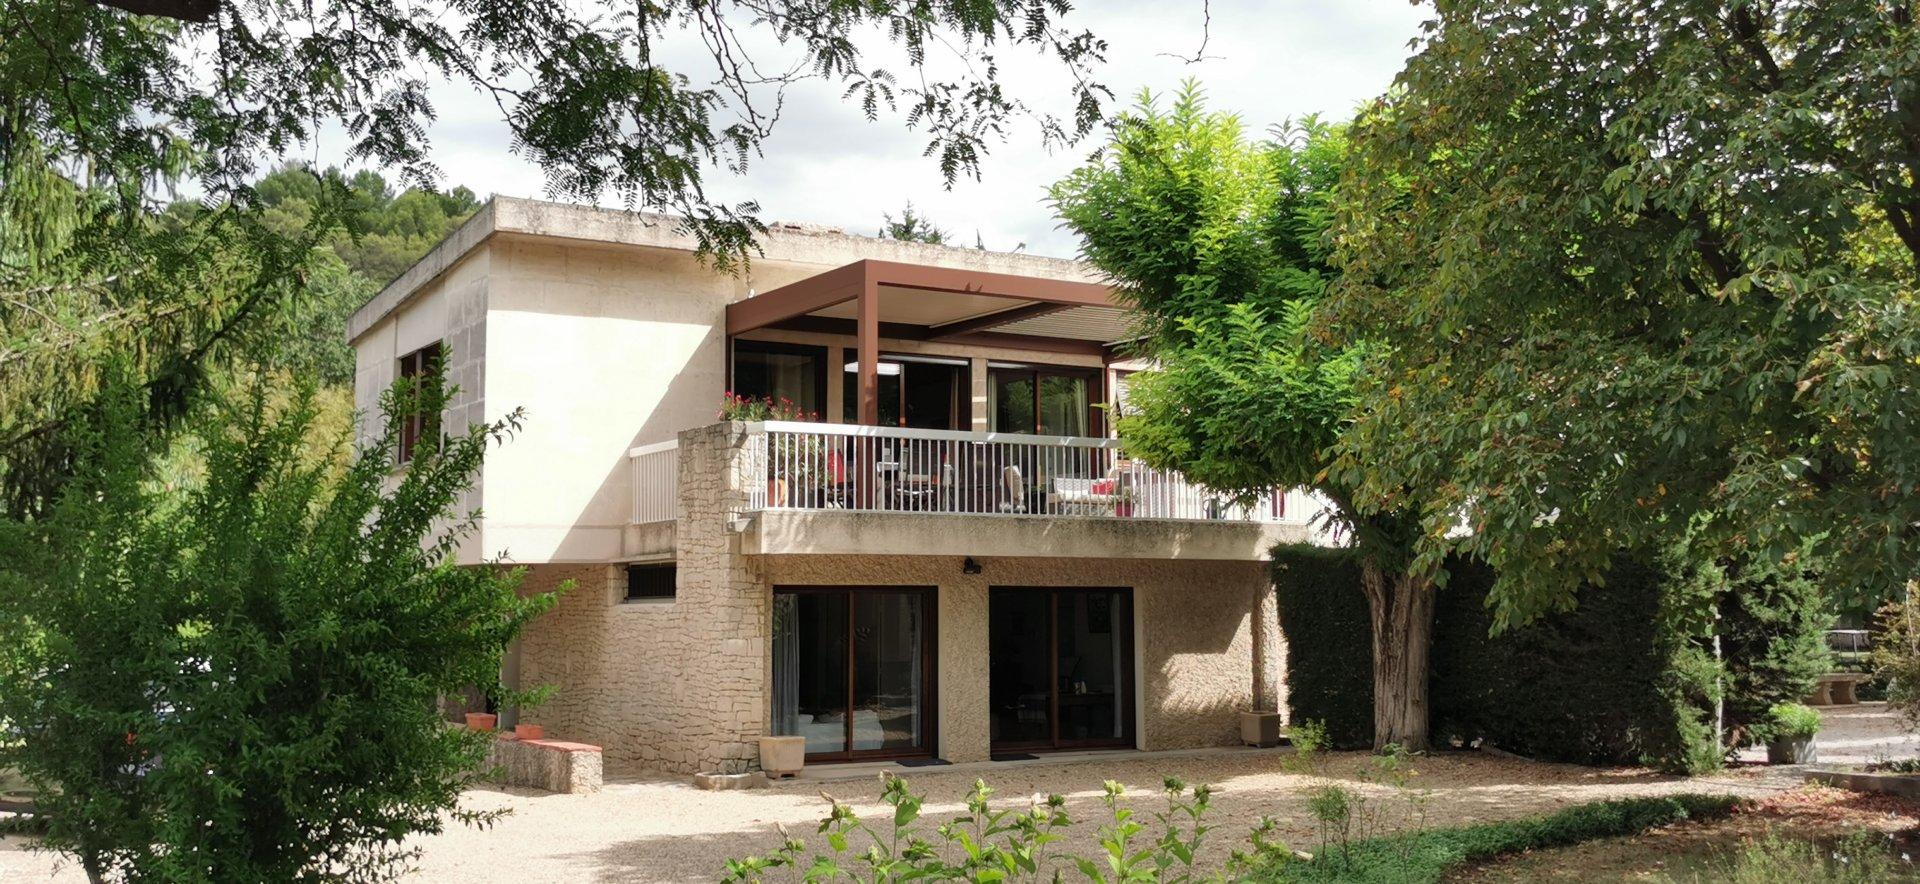 Californian stone villa in Aix.